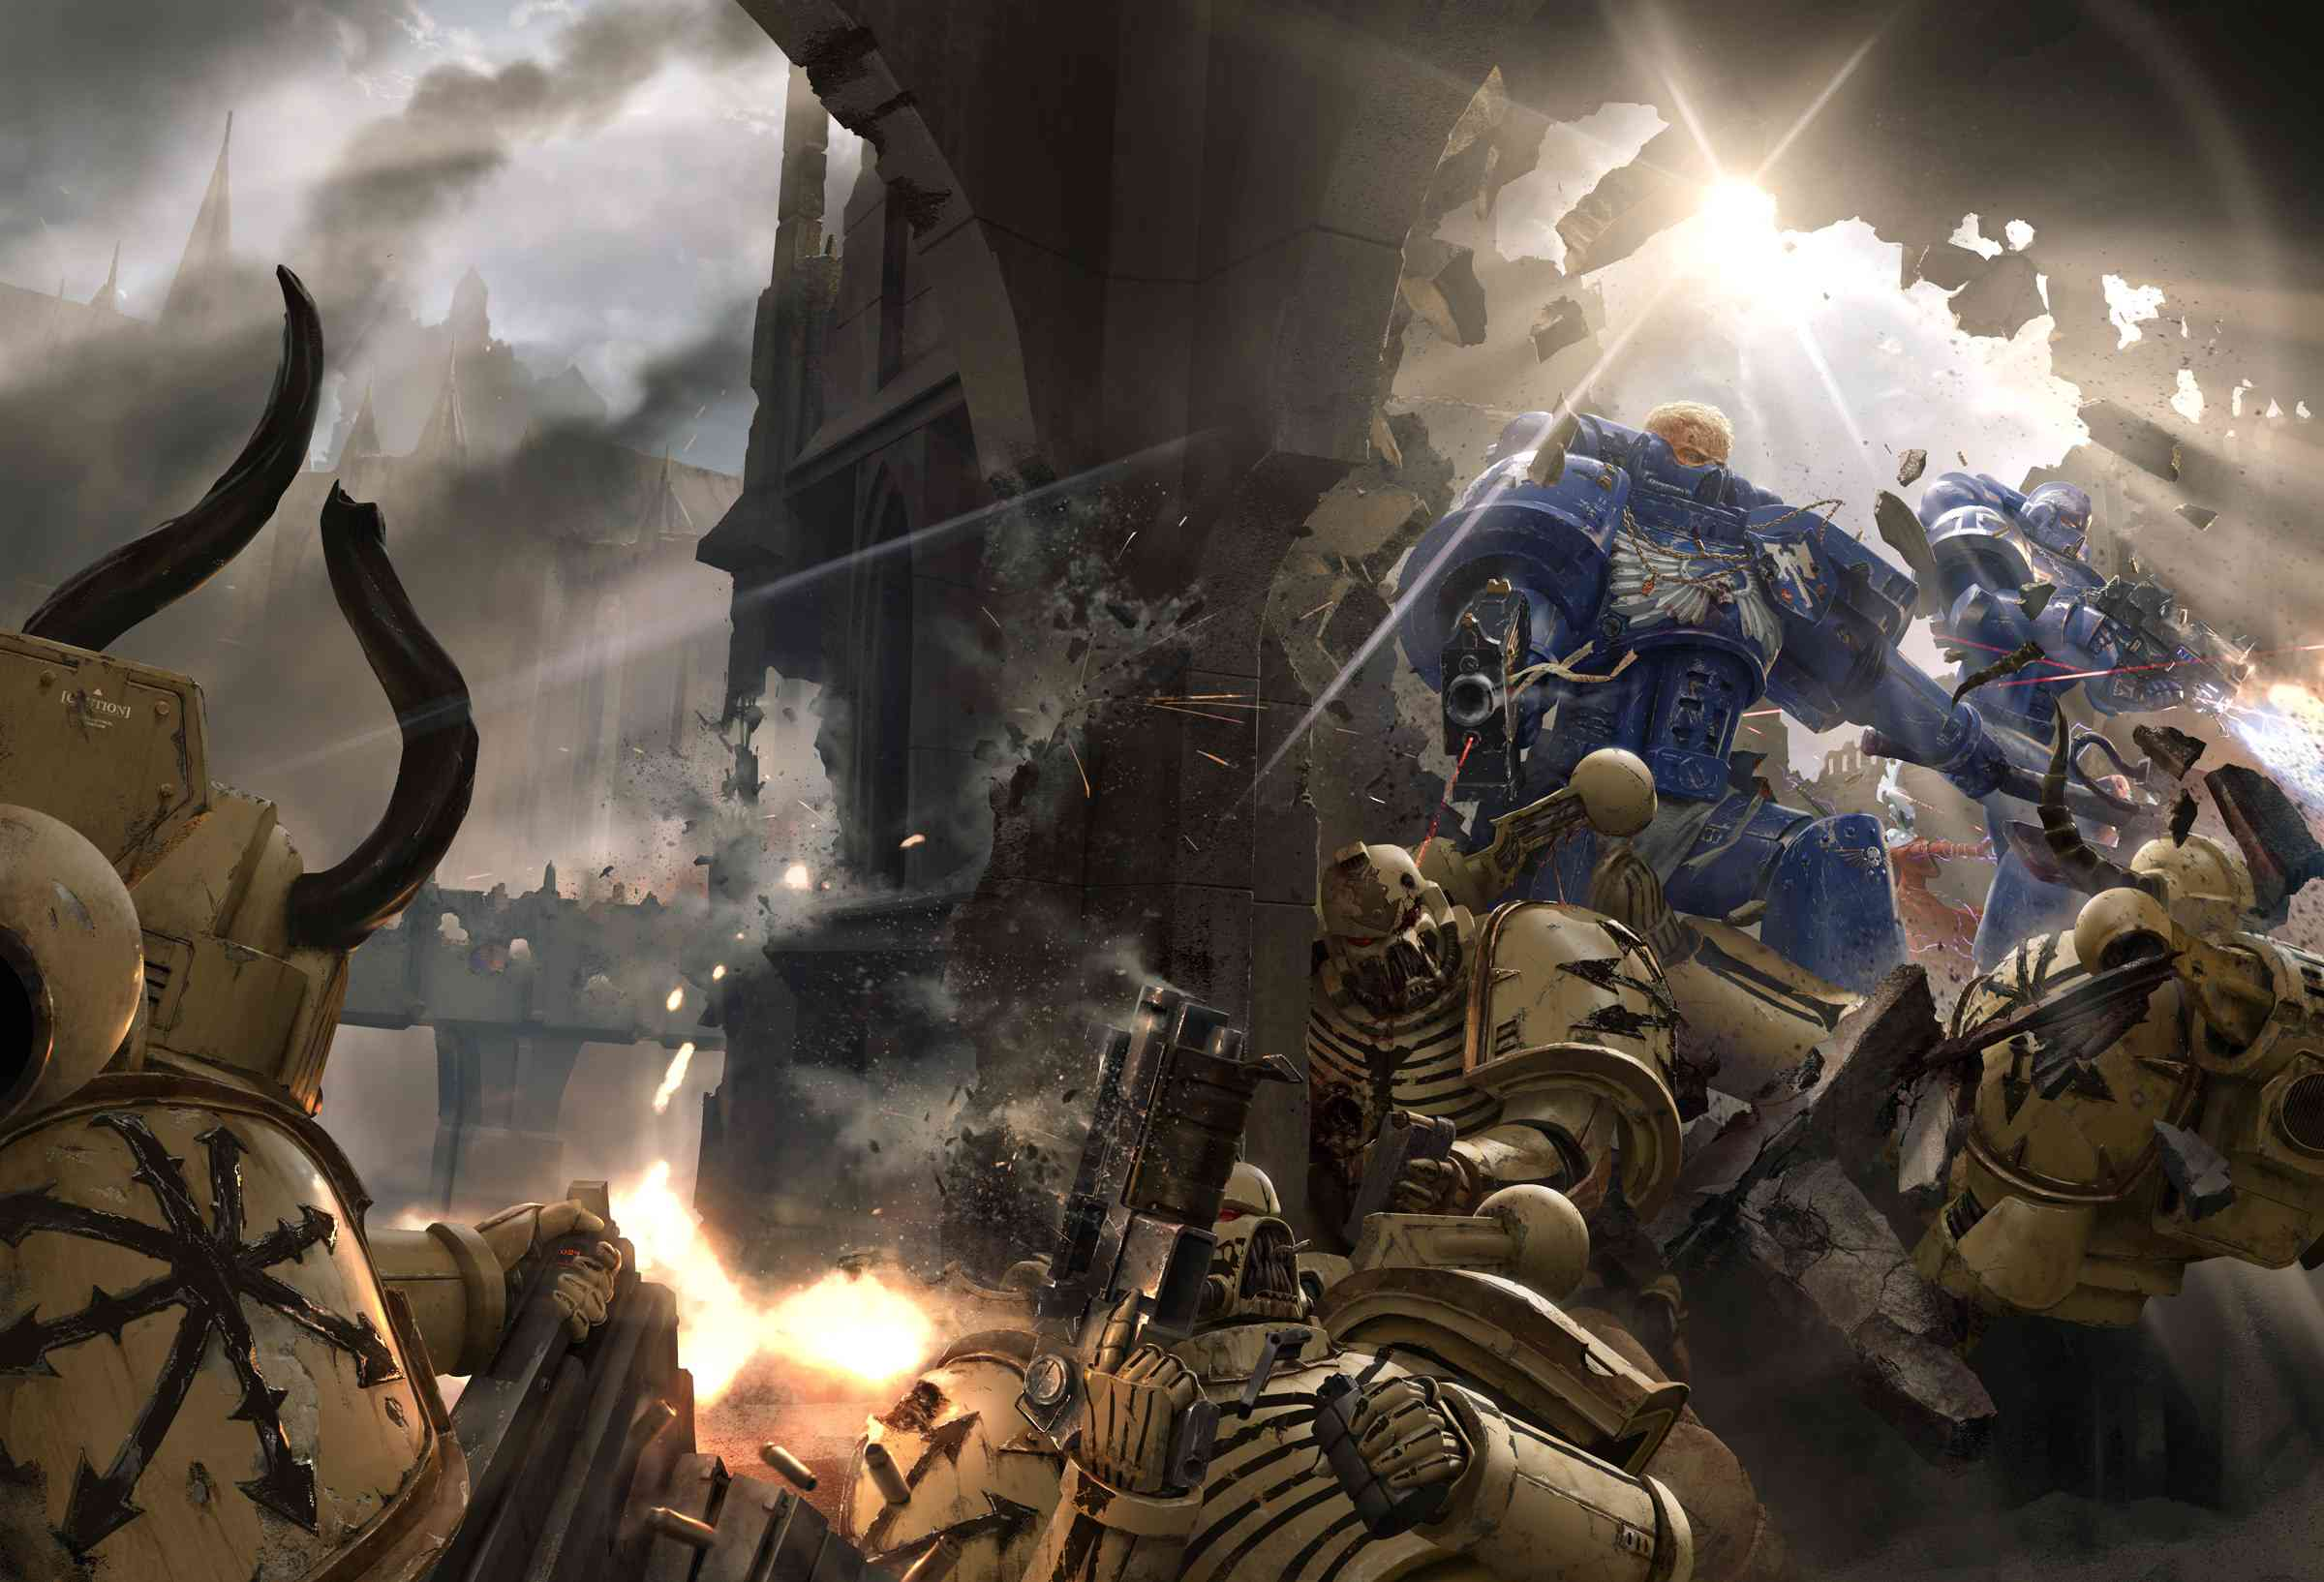 [W40K] Collection d'images : Warhammer 40K divers et inclassables - Page 2 21e32c10